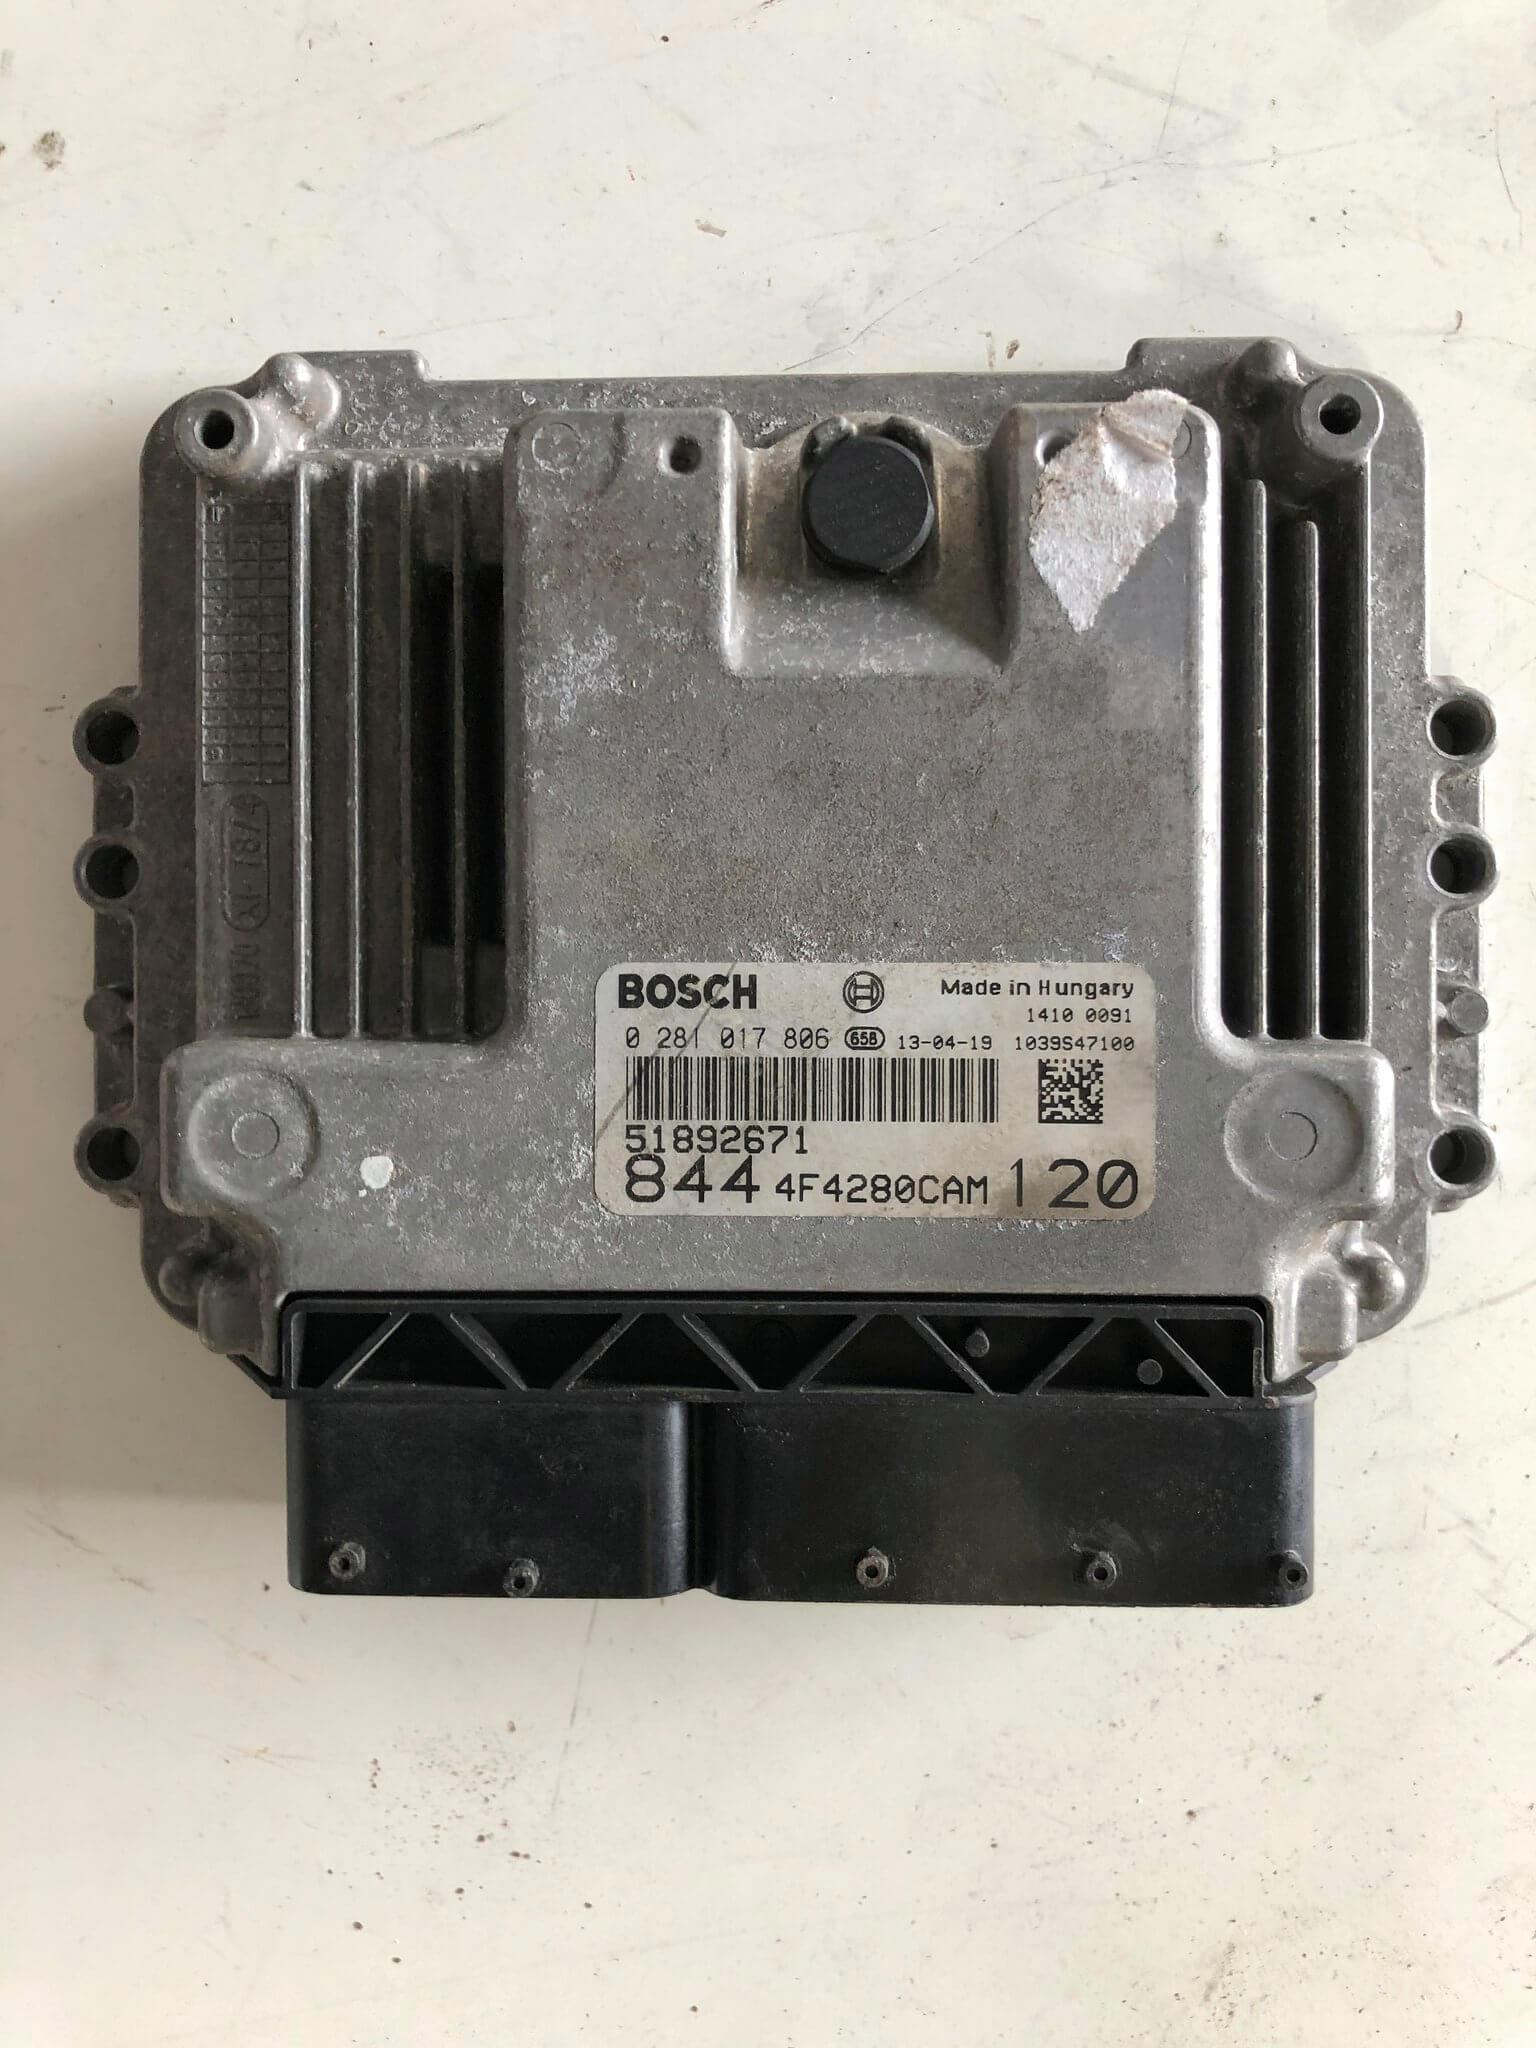 Centr. Iniezione usata Lancia Delta 1.6MJT cod. 51892671